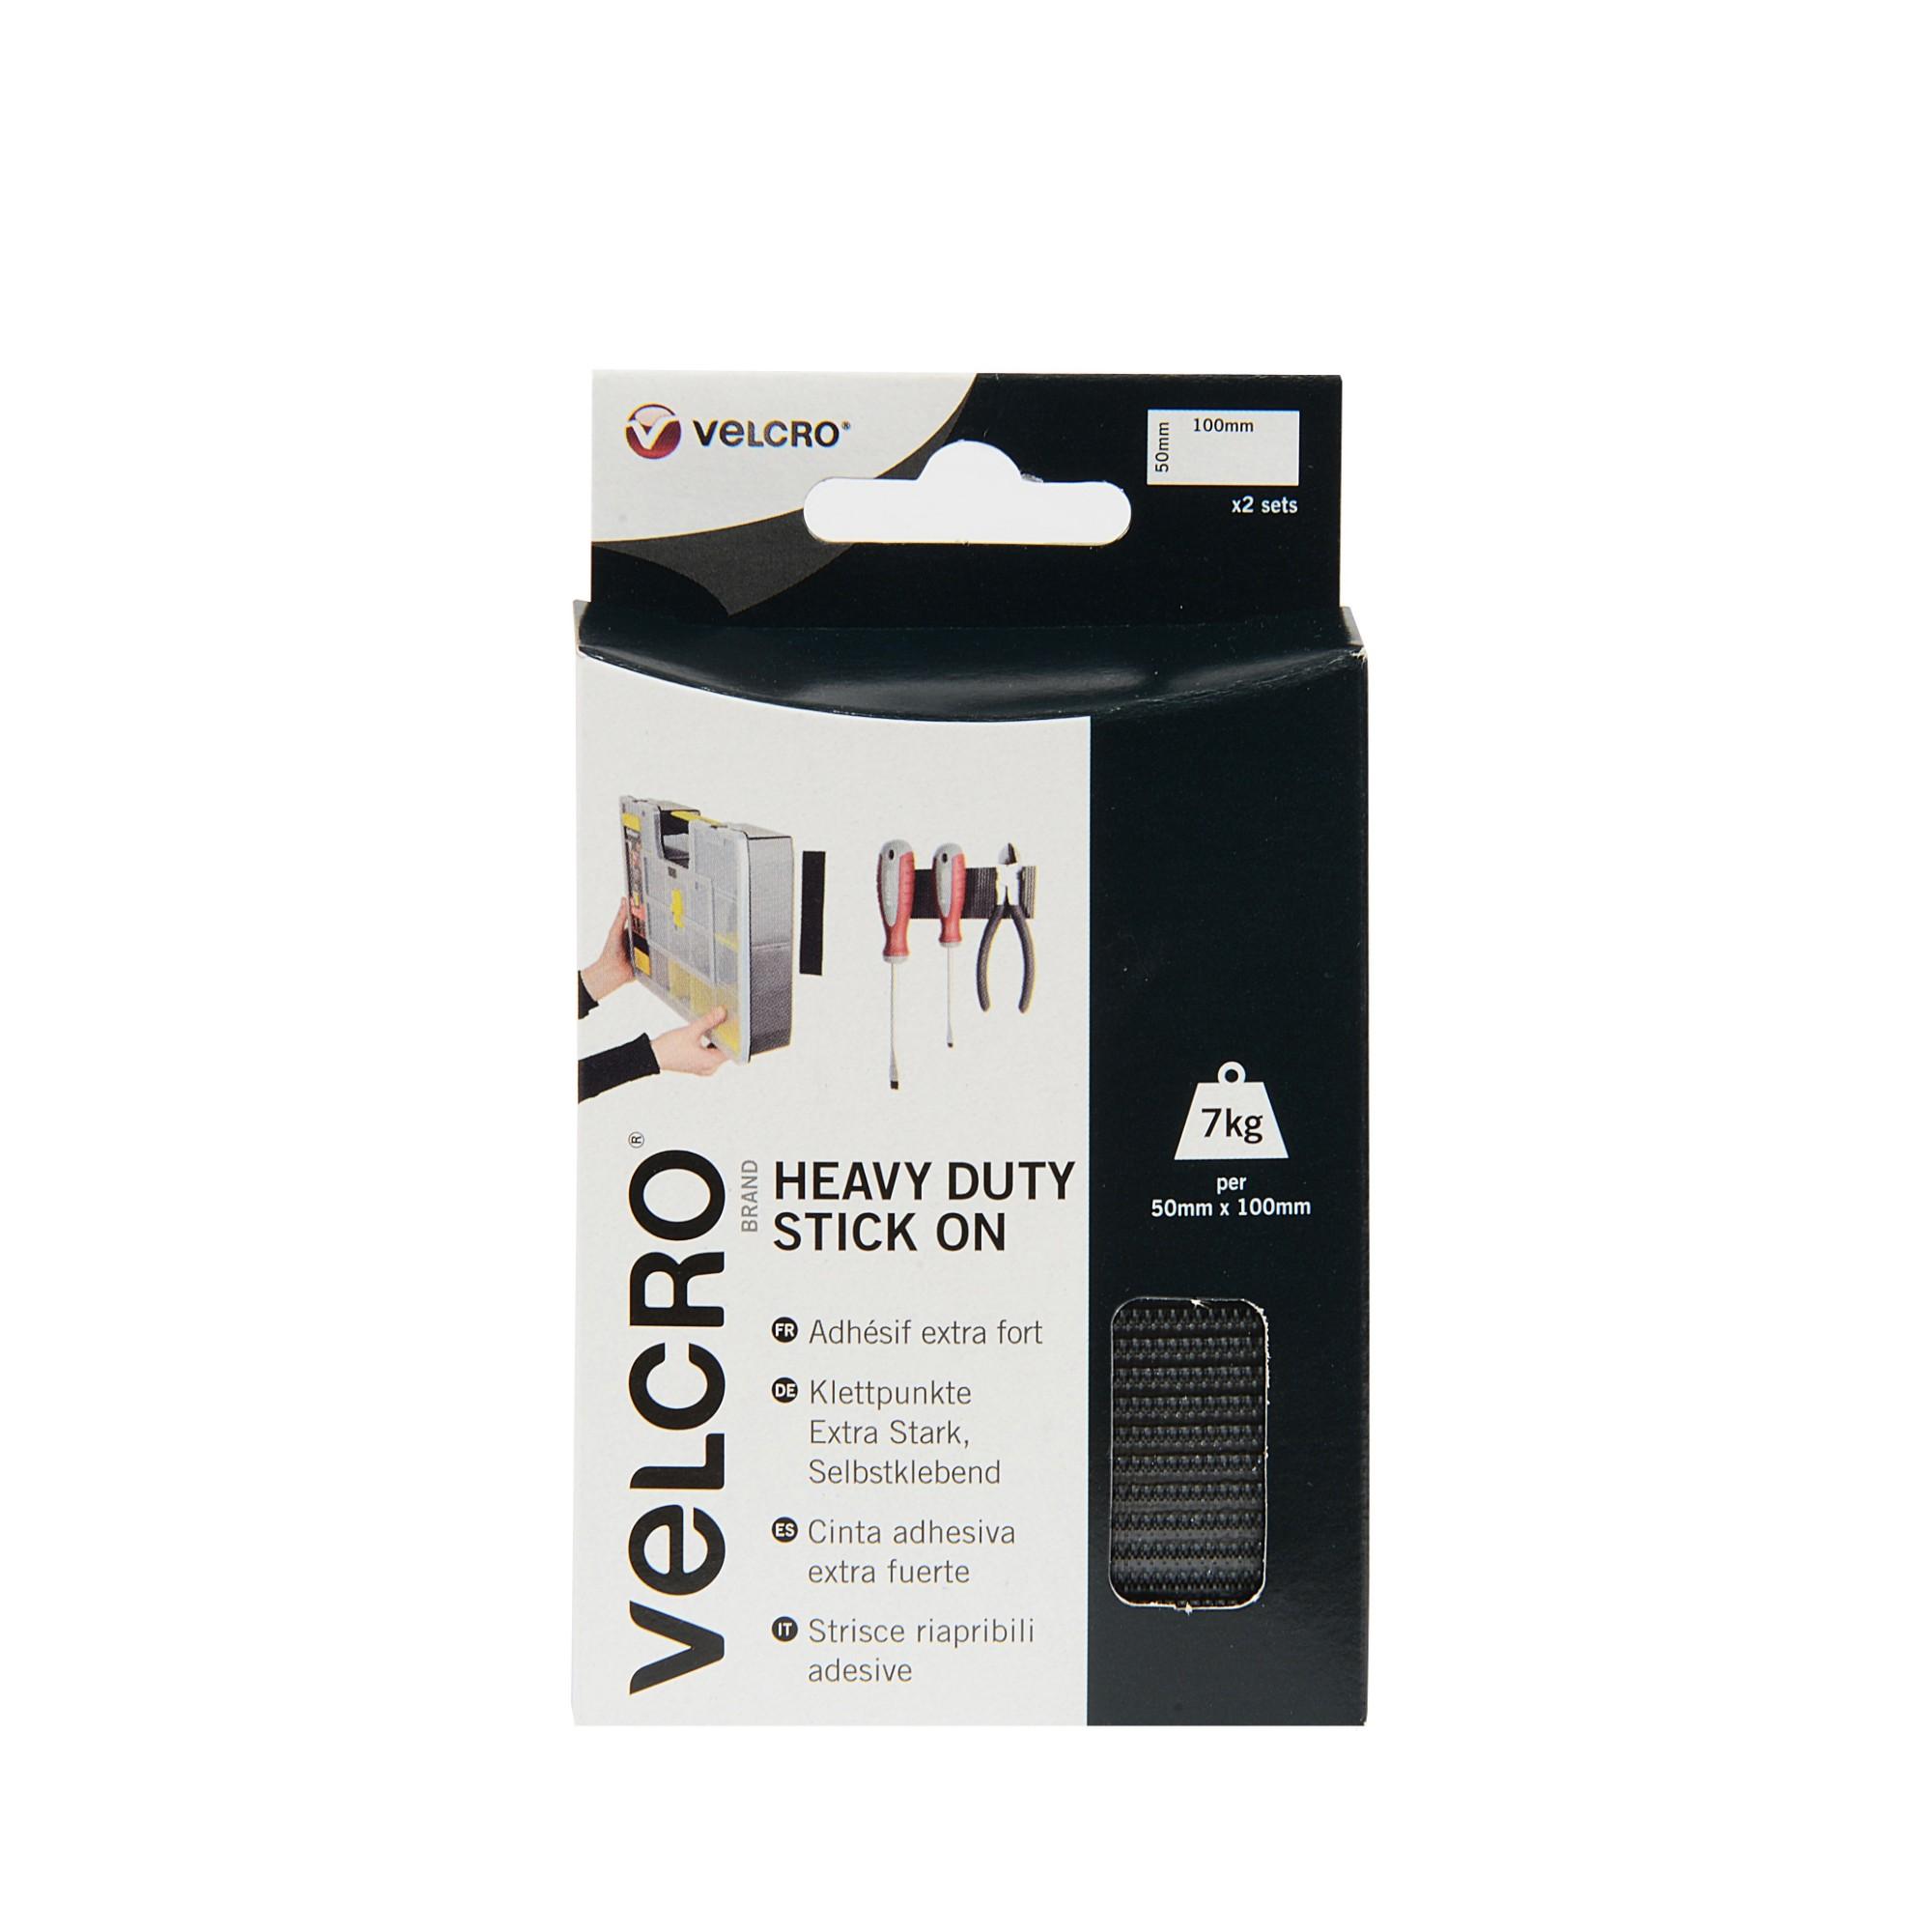 VELCRO Black Stick On Heavy Duty 50mmx100mm 2 Sets